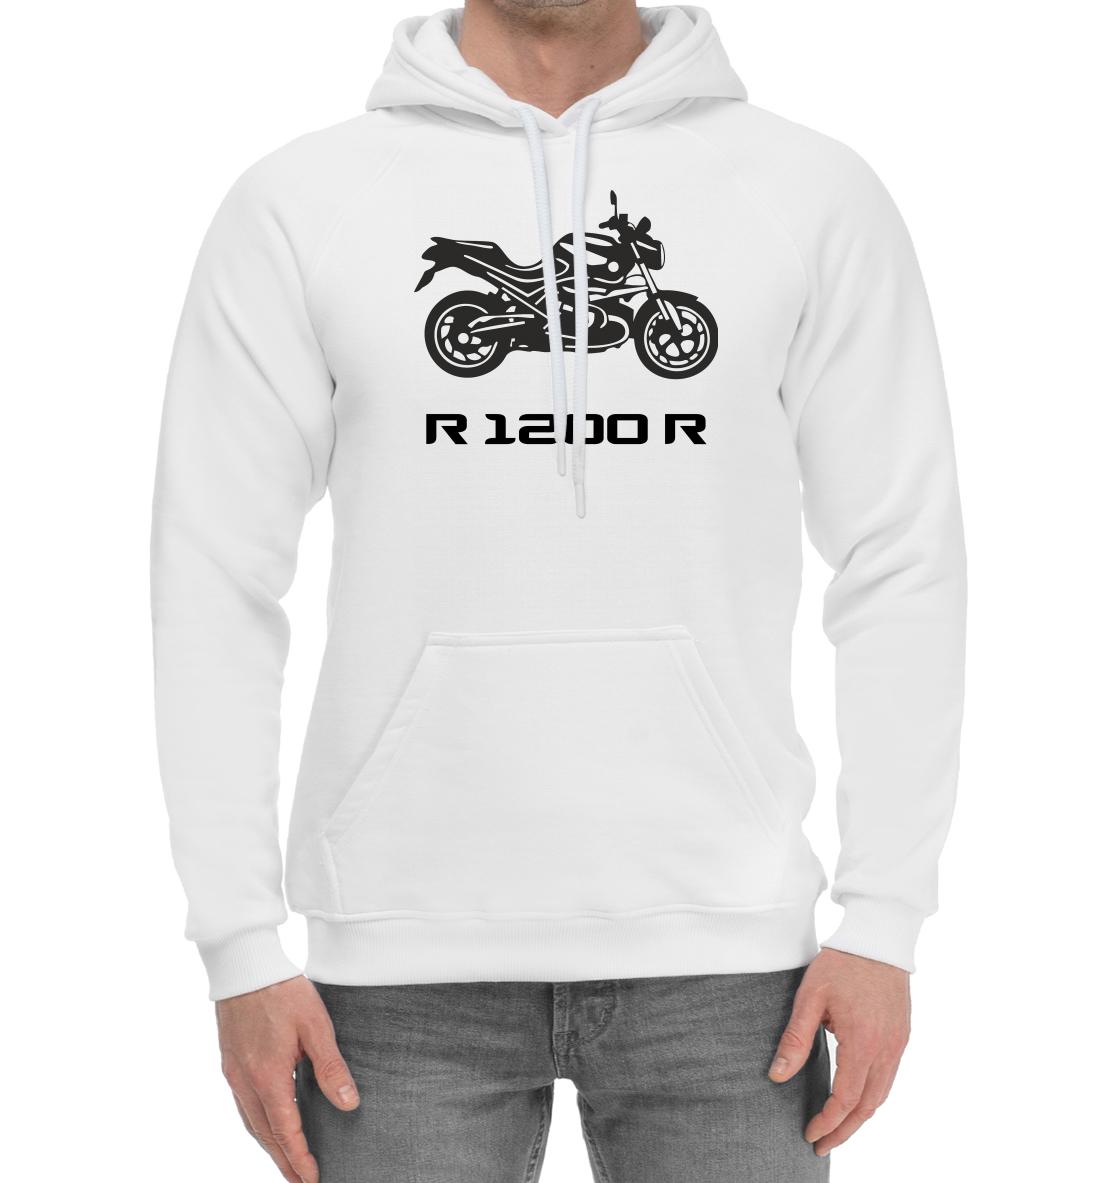 r R 1200 R